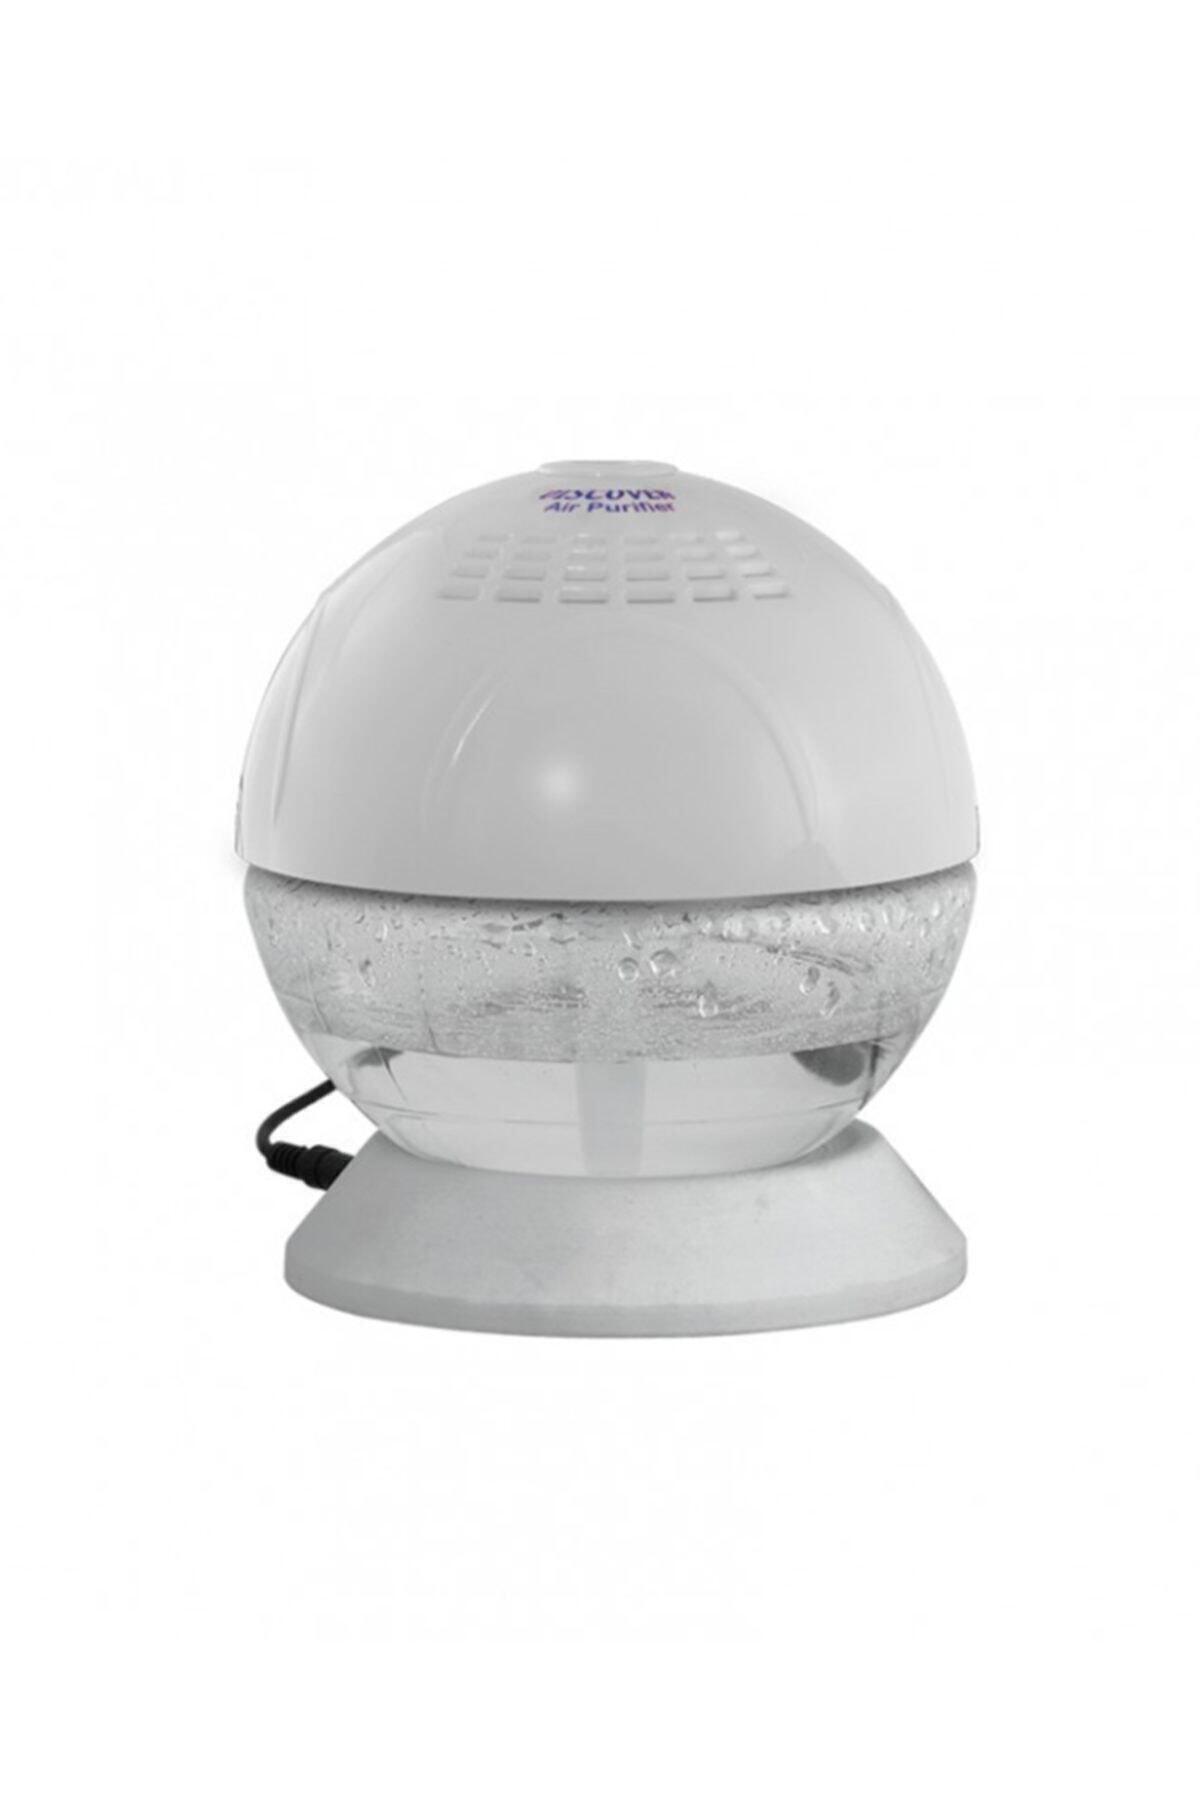 Discover Sihirli Küre Geniş Alan Kokulandırma Makinesi Işıklı Beyaz 1